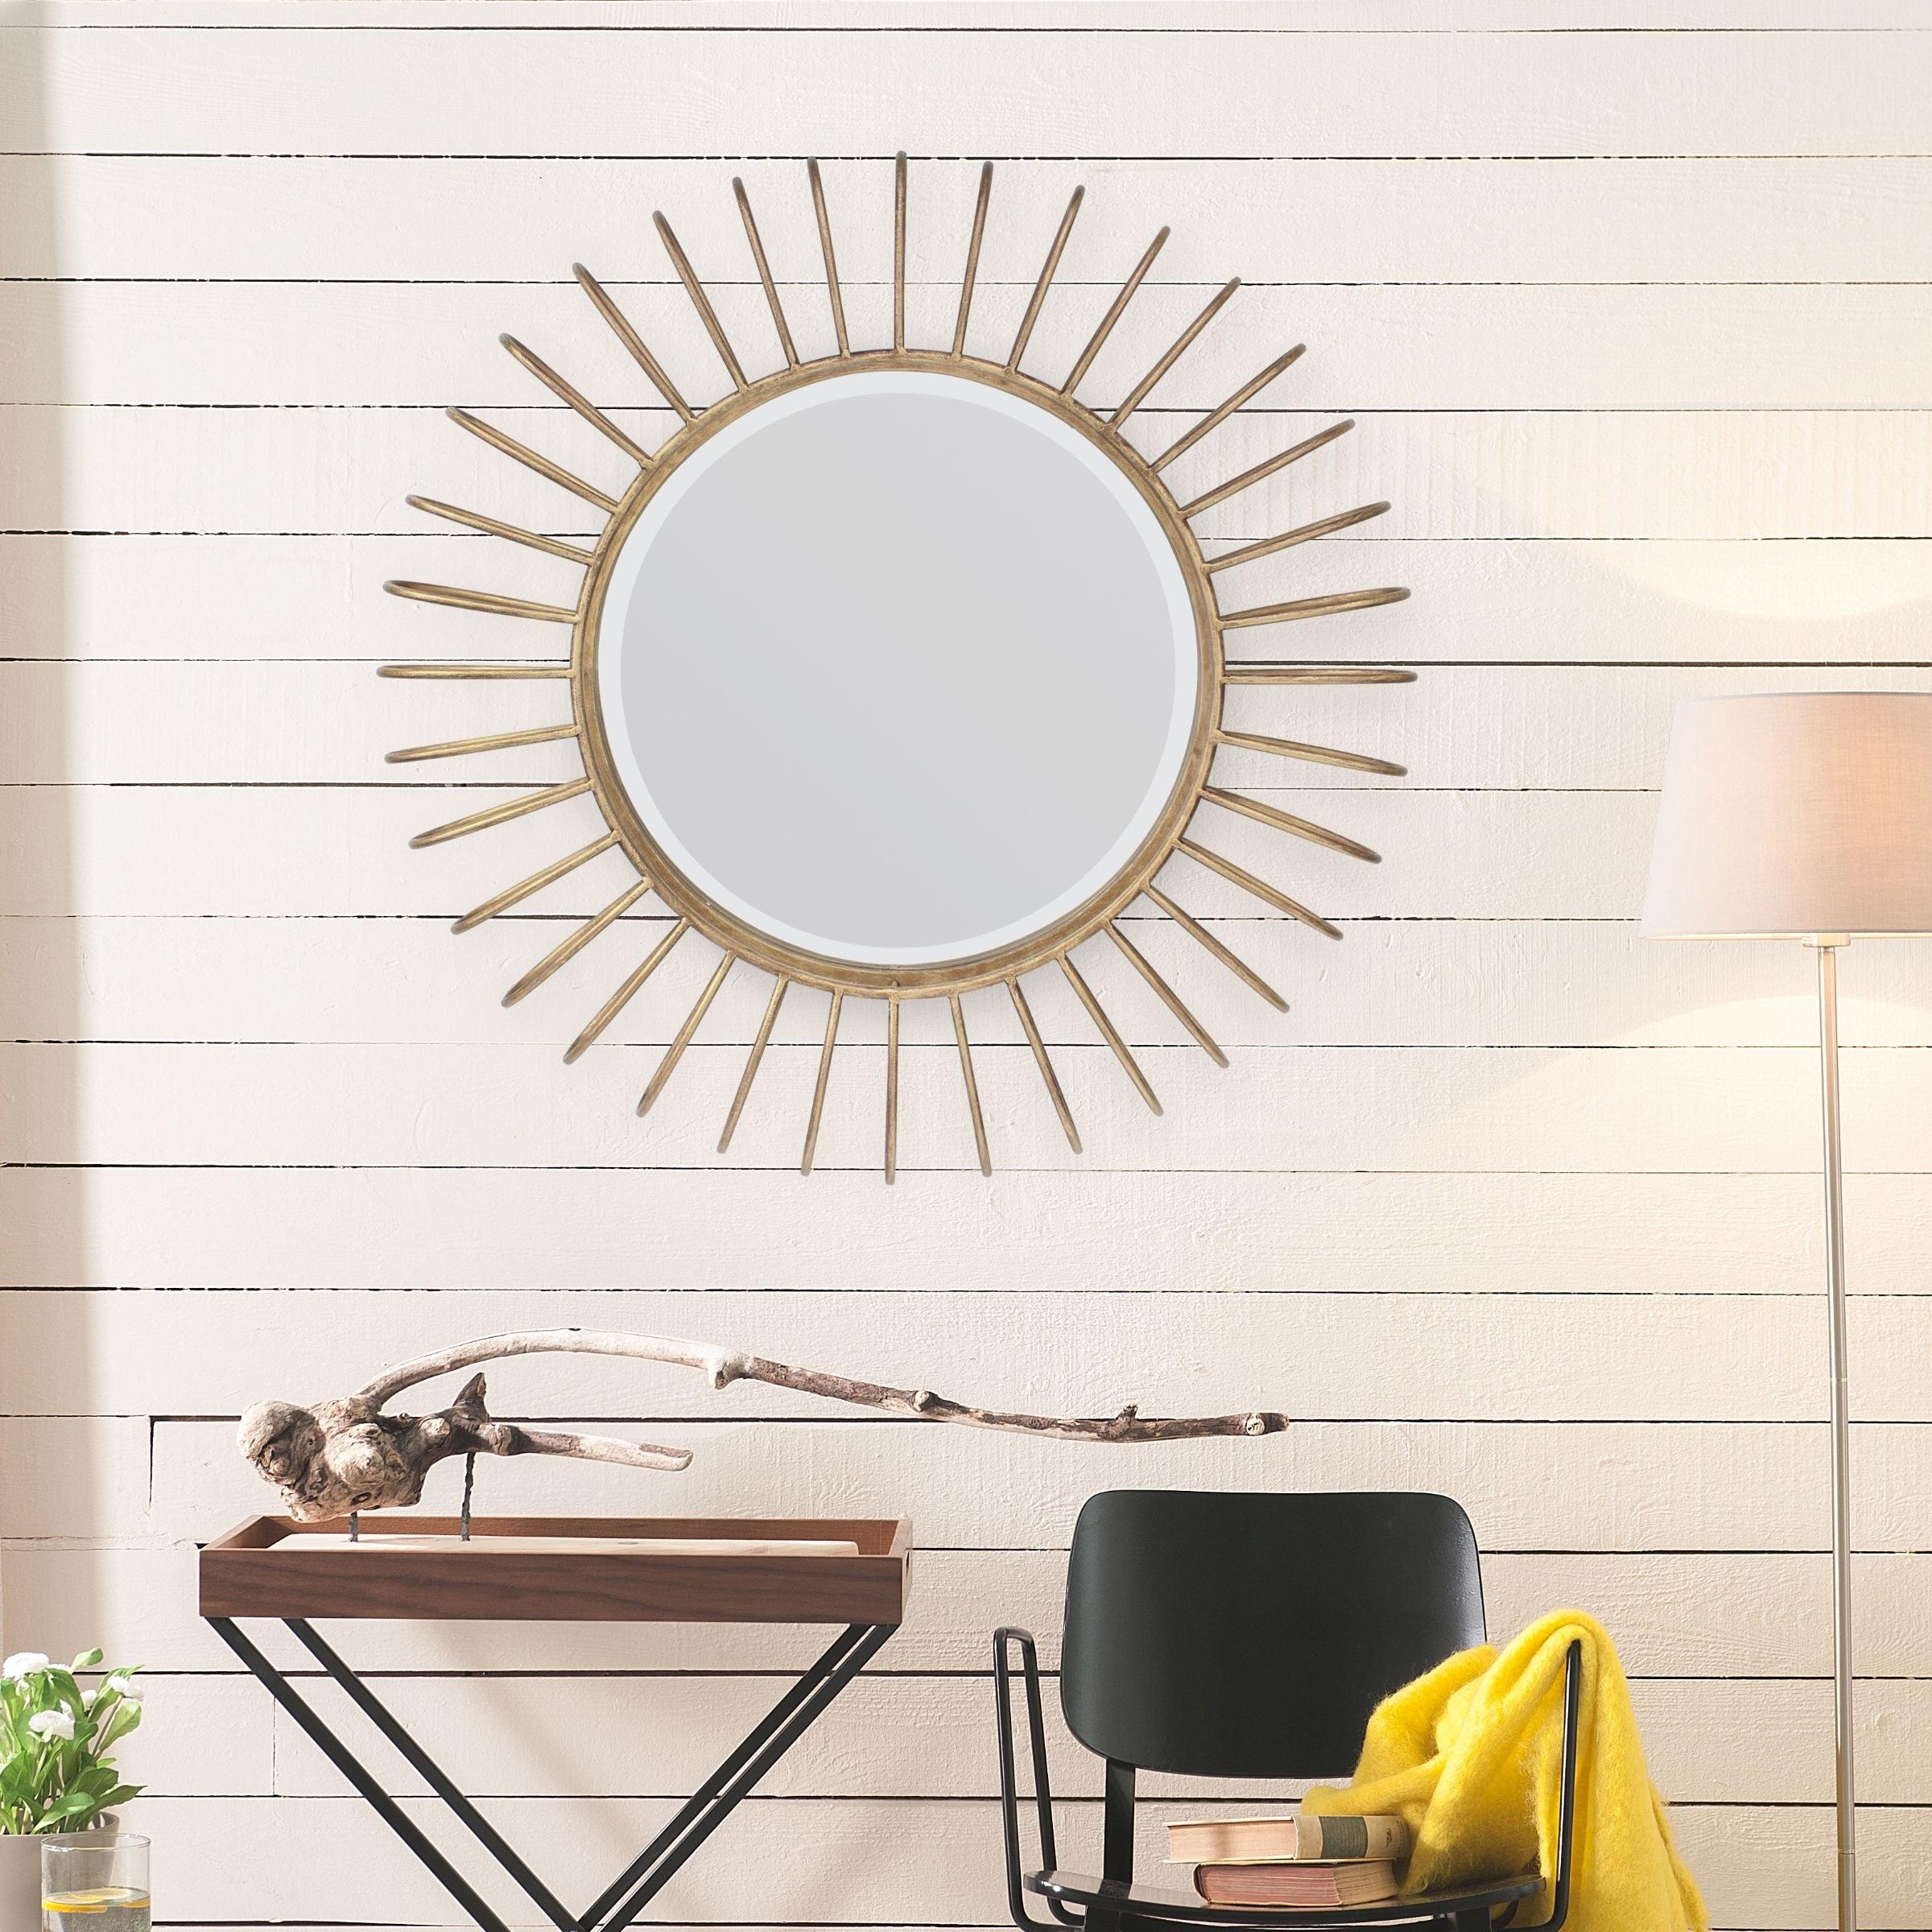 A gold sunburst mirror